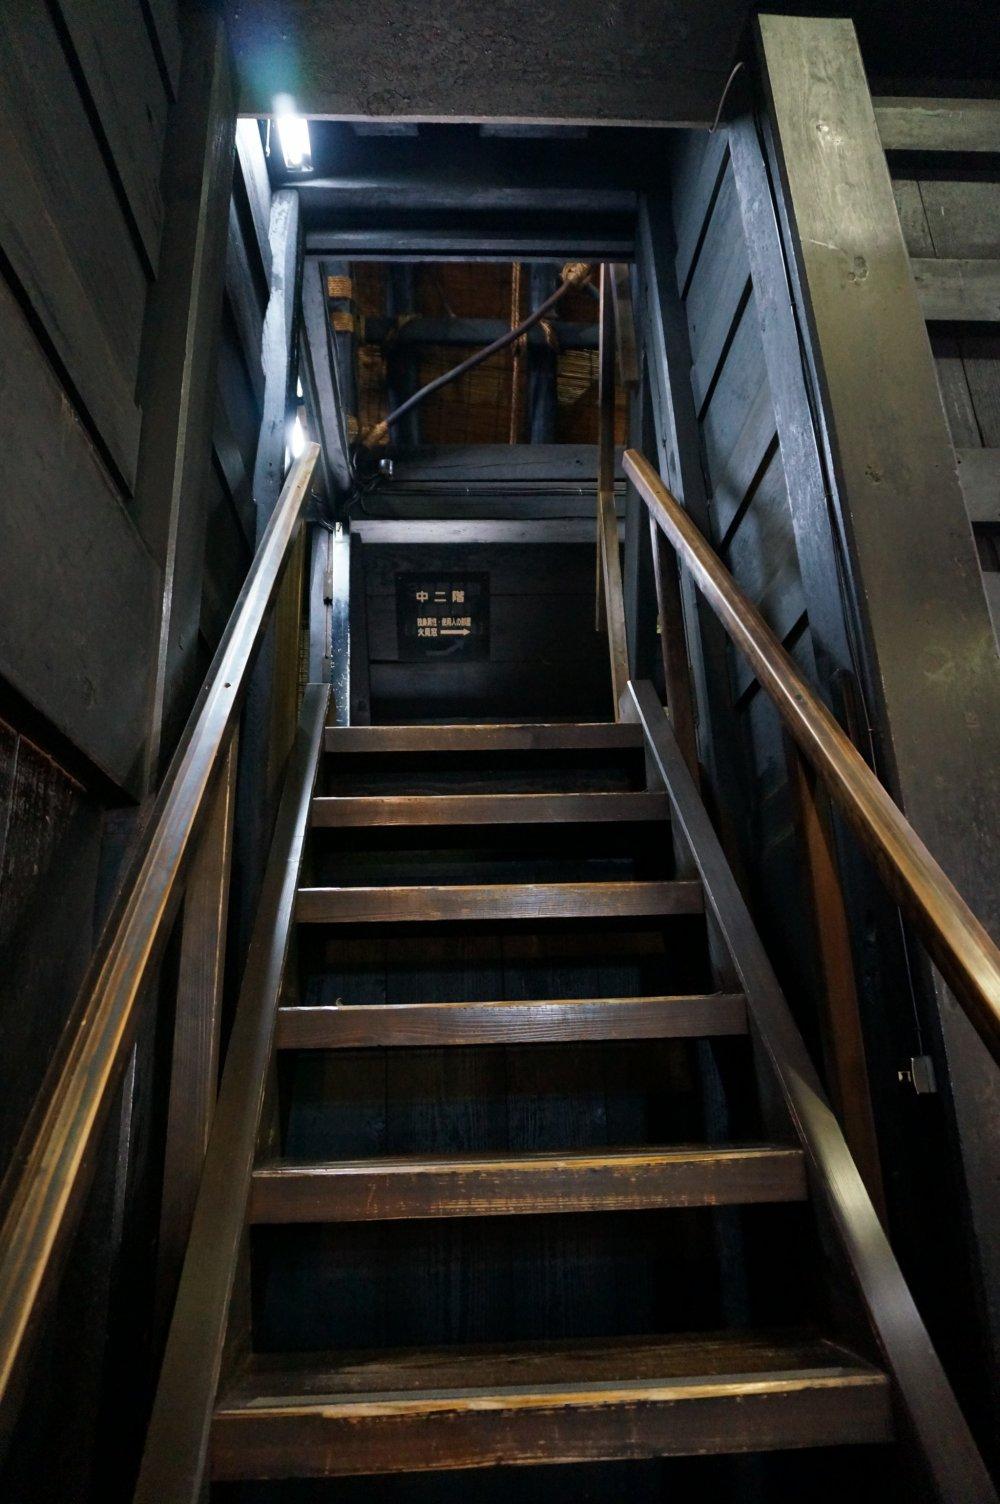 ขึ้นข้างบนไปได้ 4 ชั้น